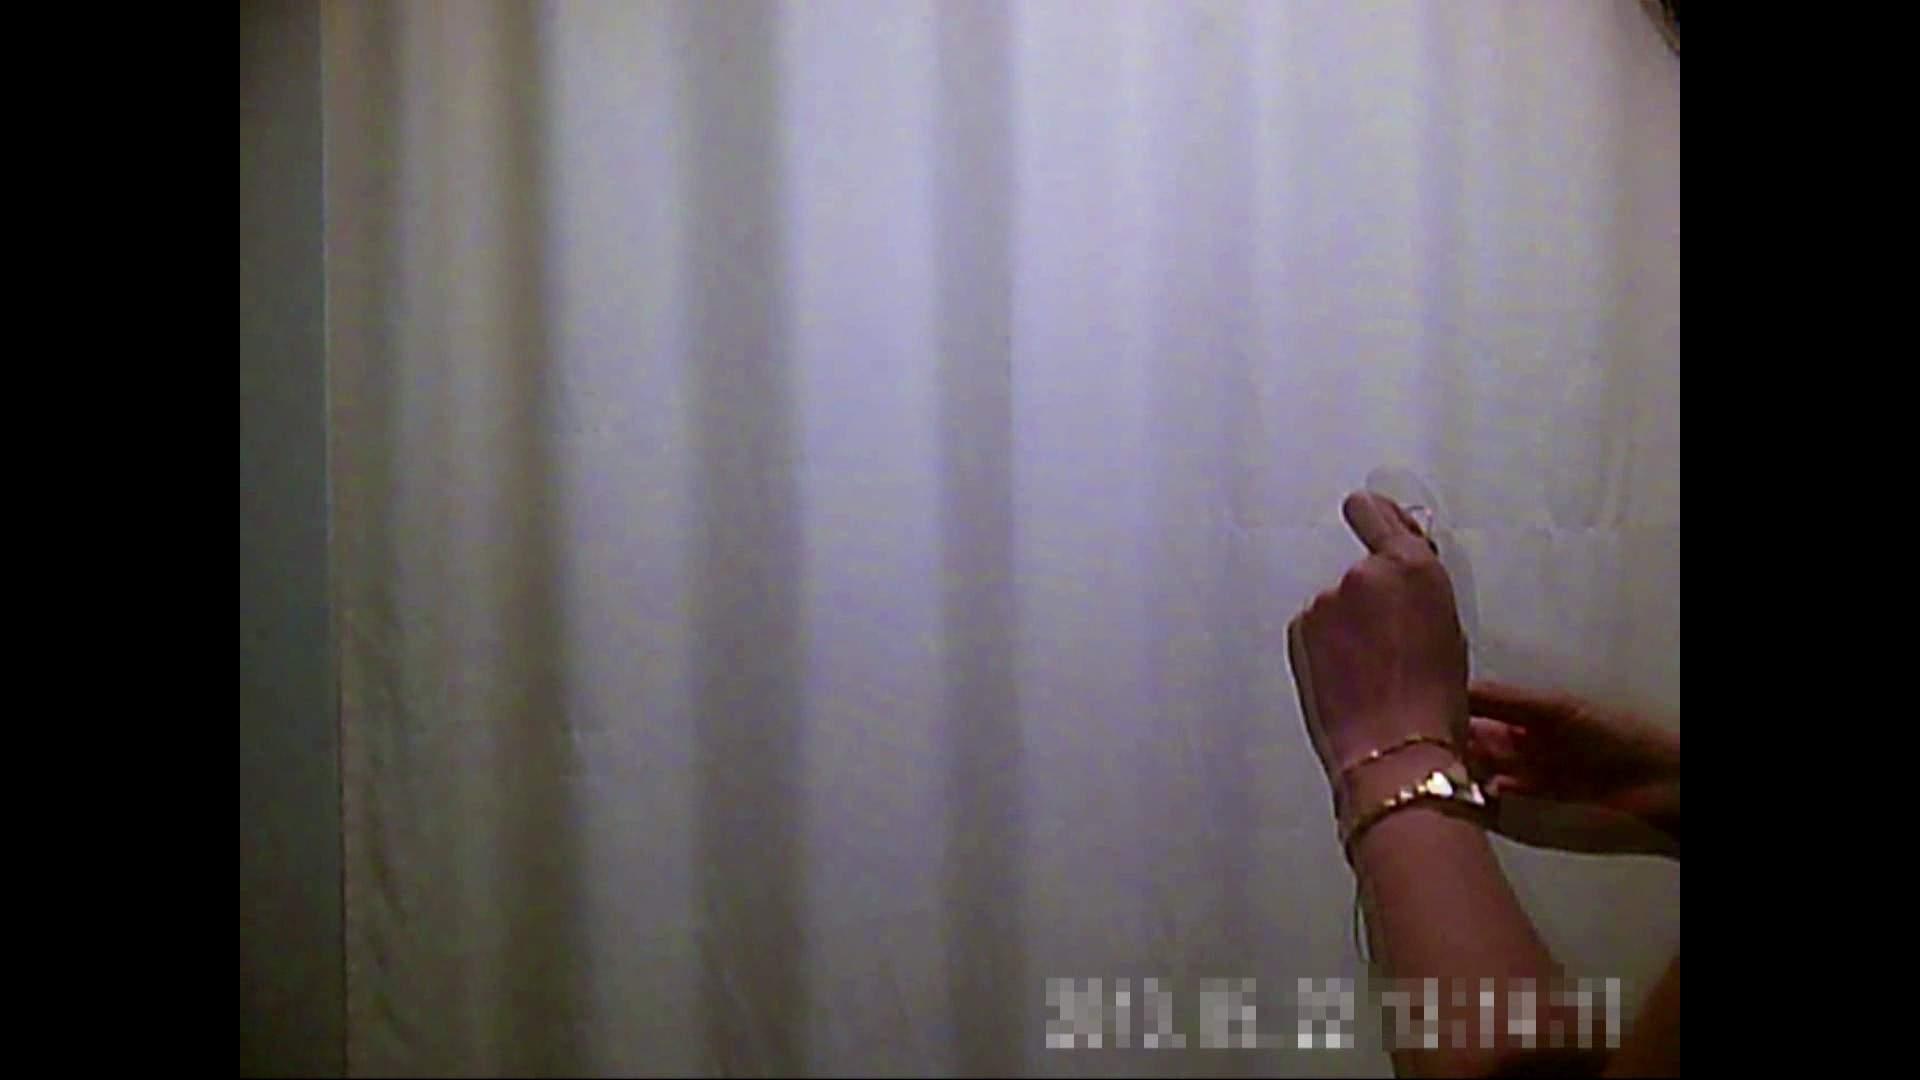 元医者による反抗 更衣室地獄絵巻 vol.045 エッチなお姉さん ワレメ動画紹介 103画像 47